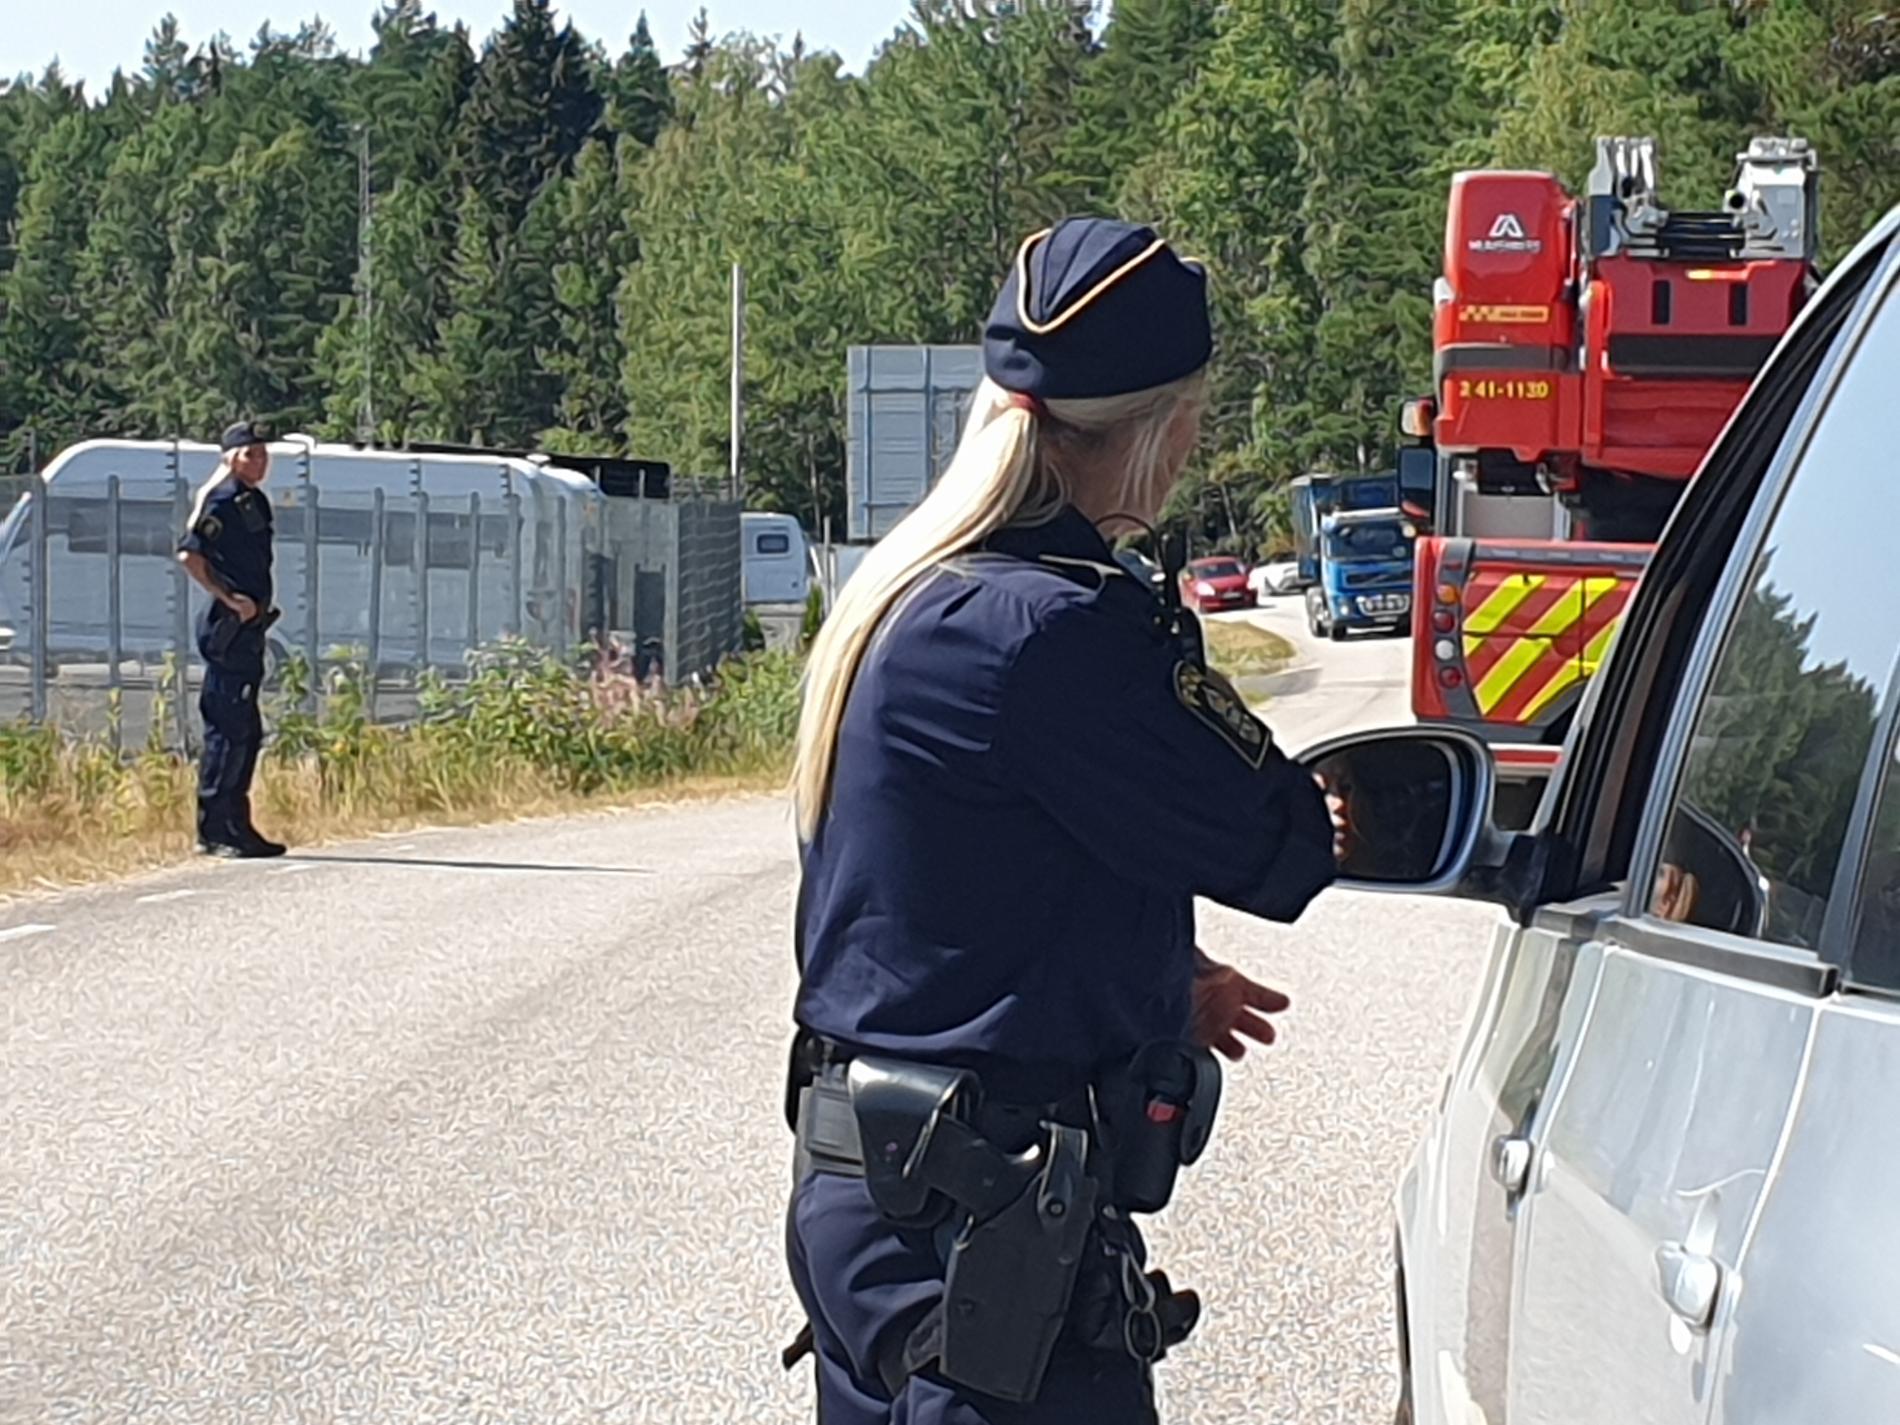 Räddningstjänst och ambulans stod i beredskap vid Anstalten Hällby.